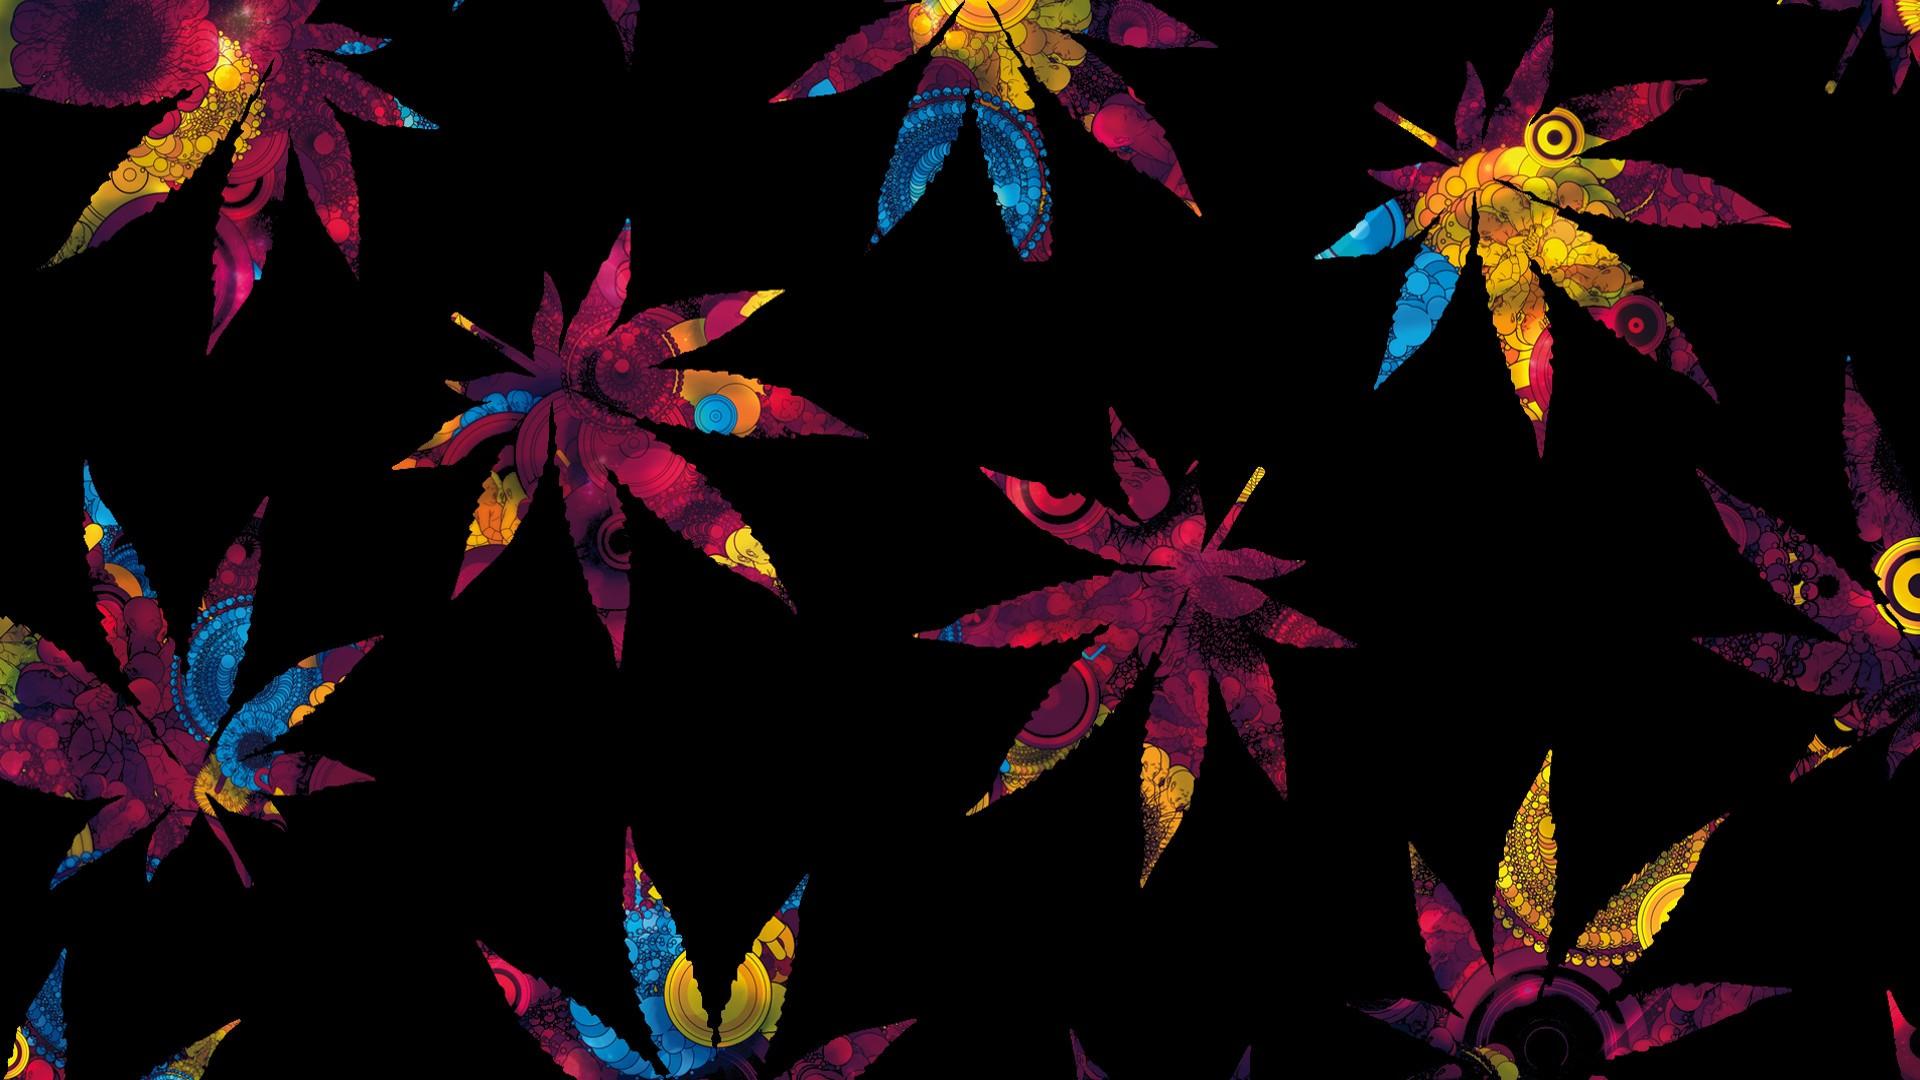 Fondos de pantalla : hojas, arte digital, Plantas, simetría, patrón ...